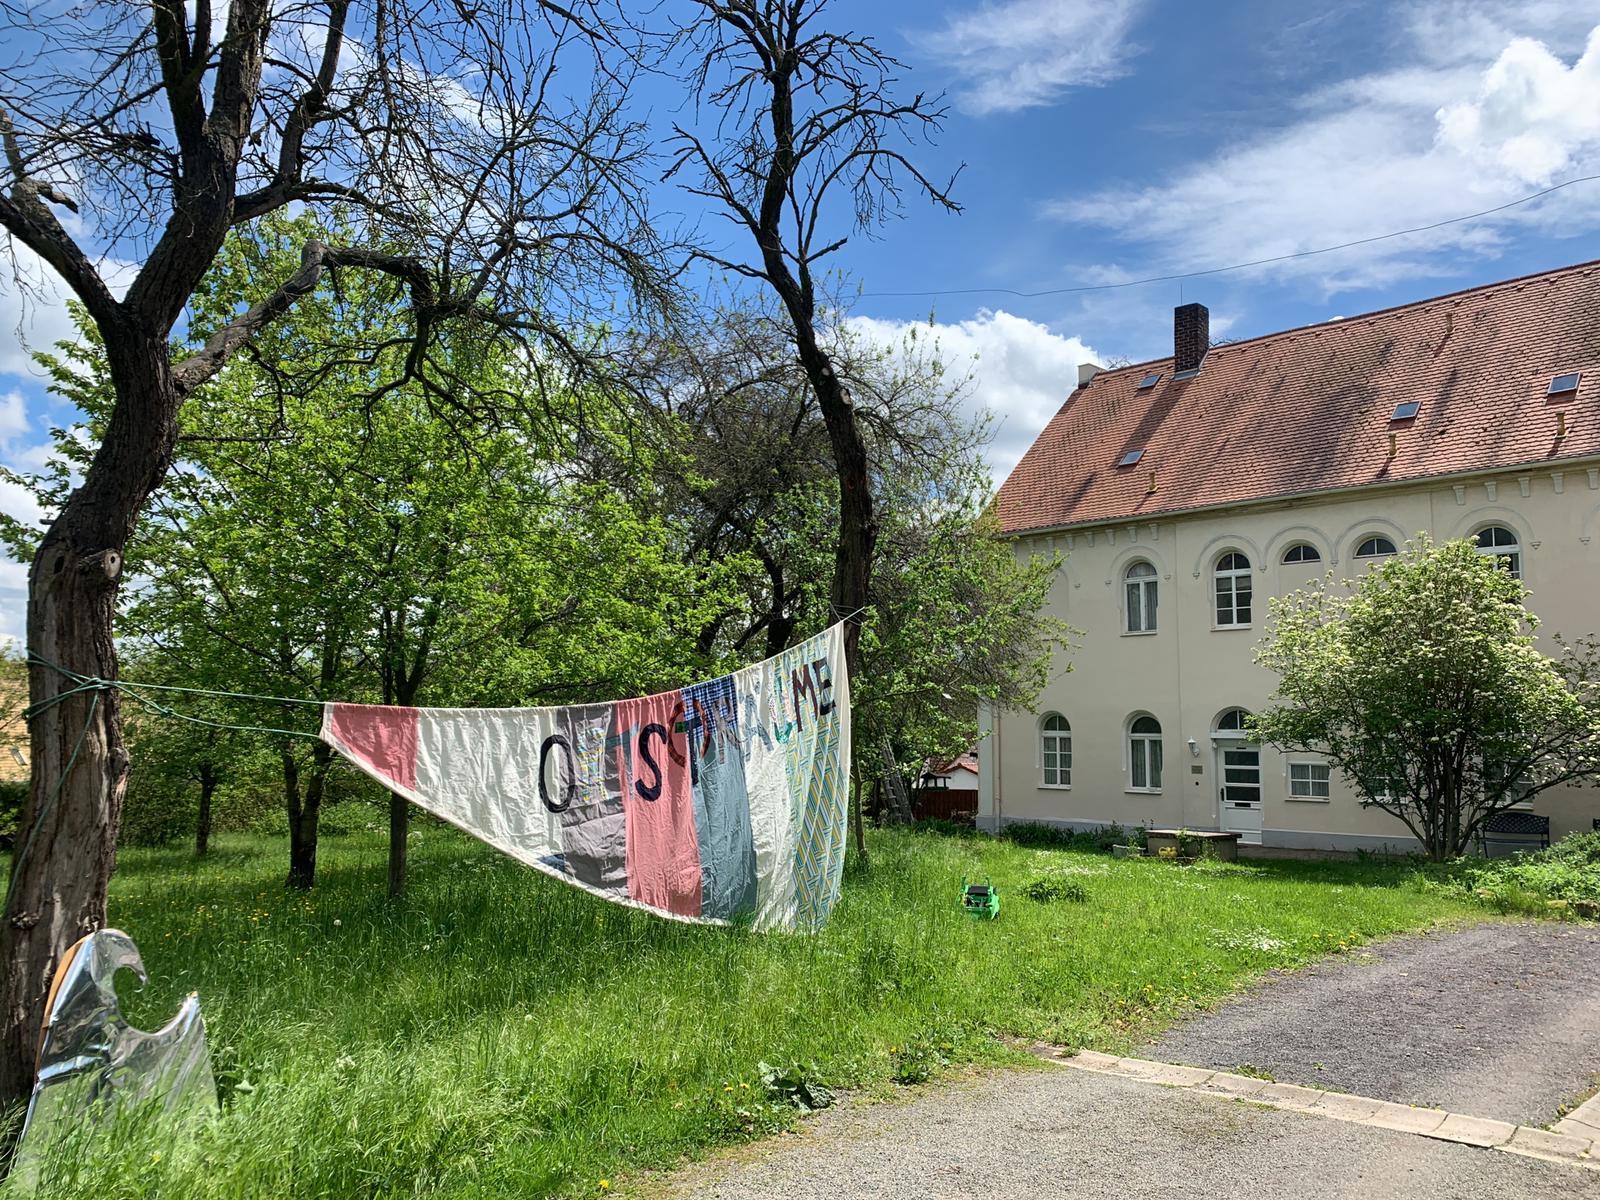 Vaha Altenburg Hub 003 Pfarrhof mit aeltester Glocke im Landkreis